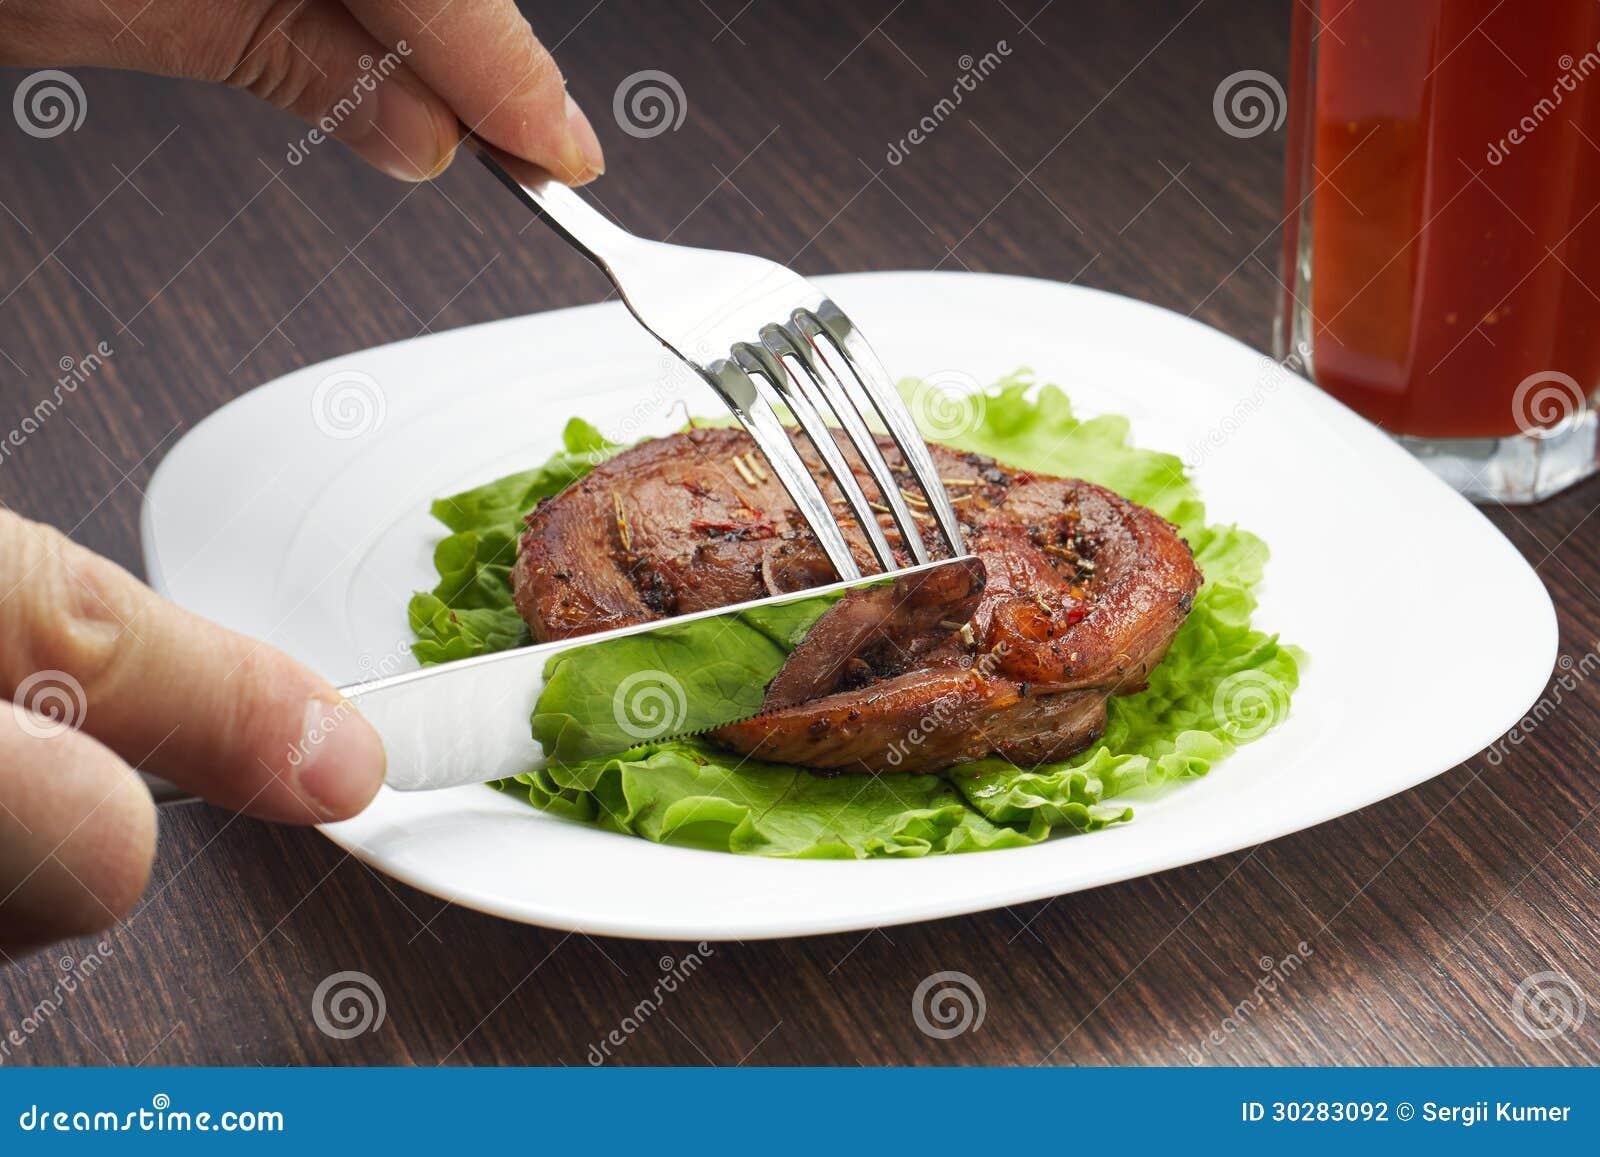 切与刀子的烤牛排在白色板材